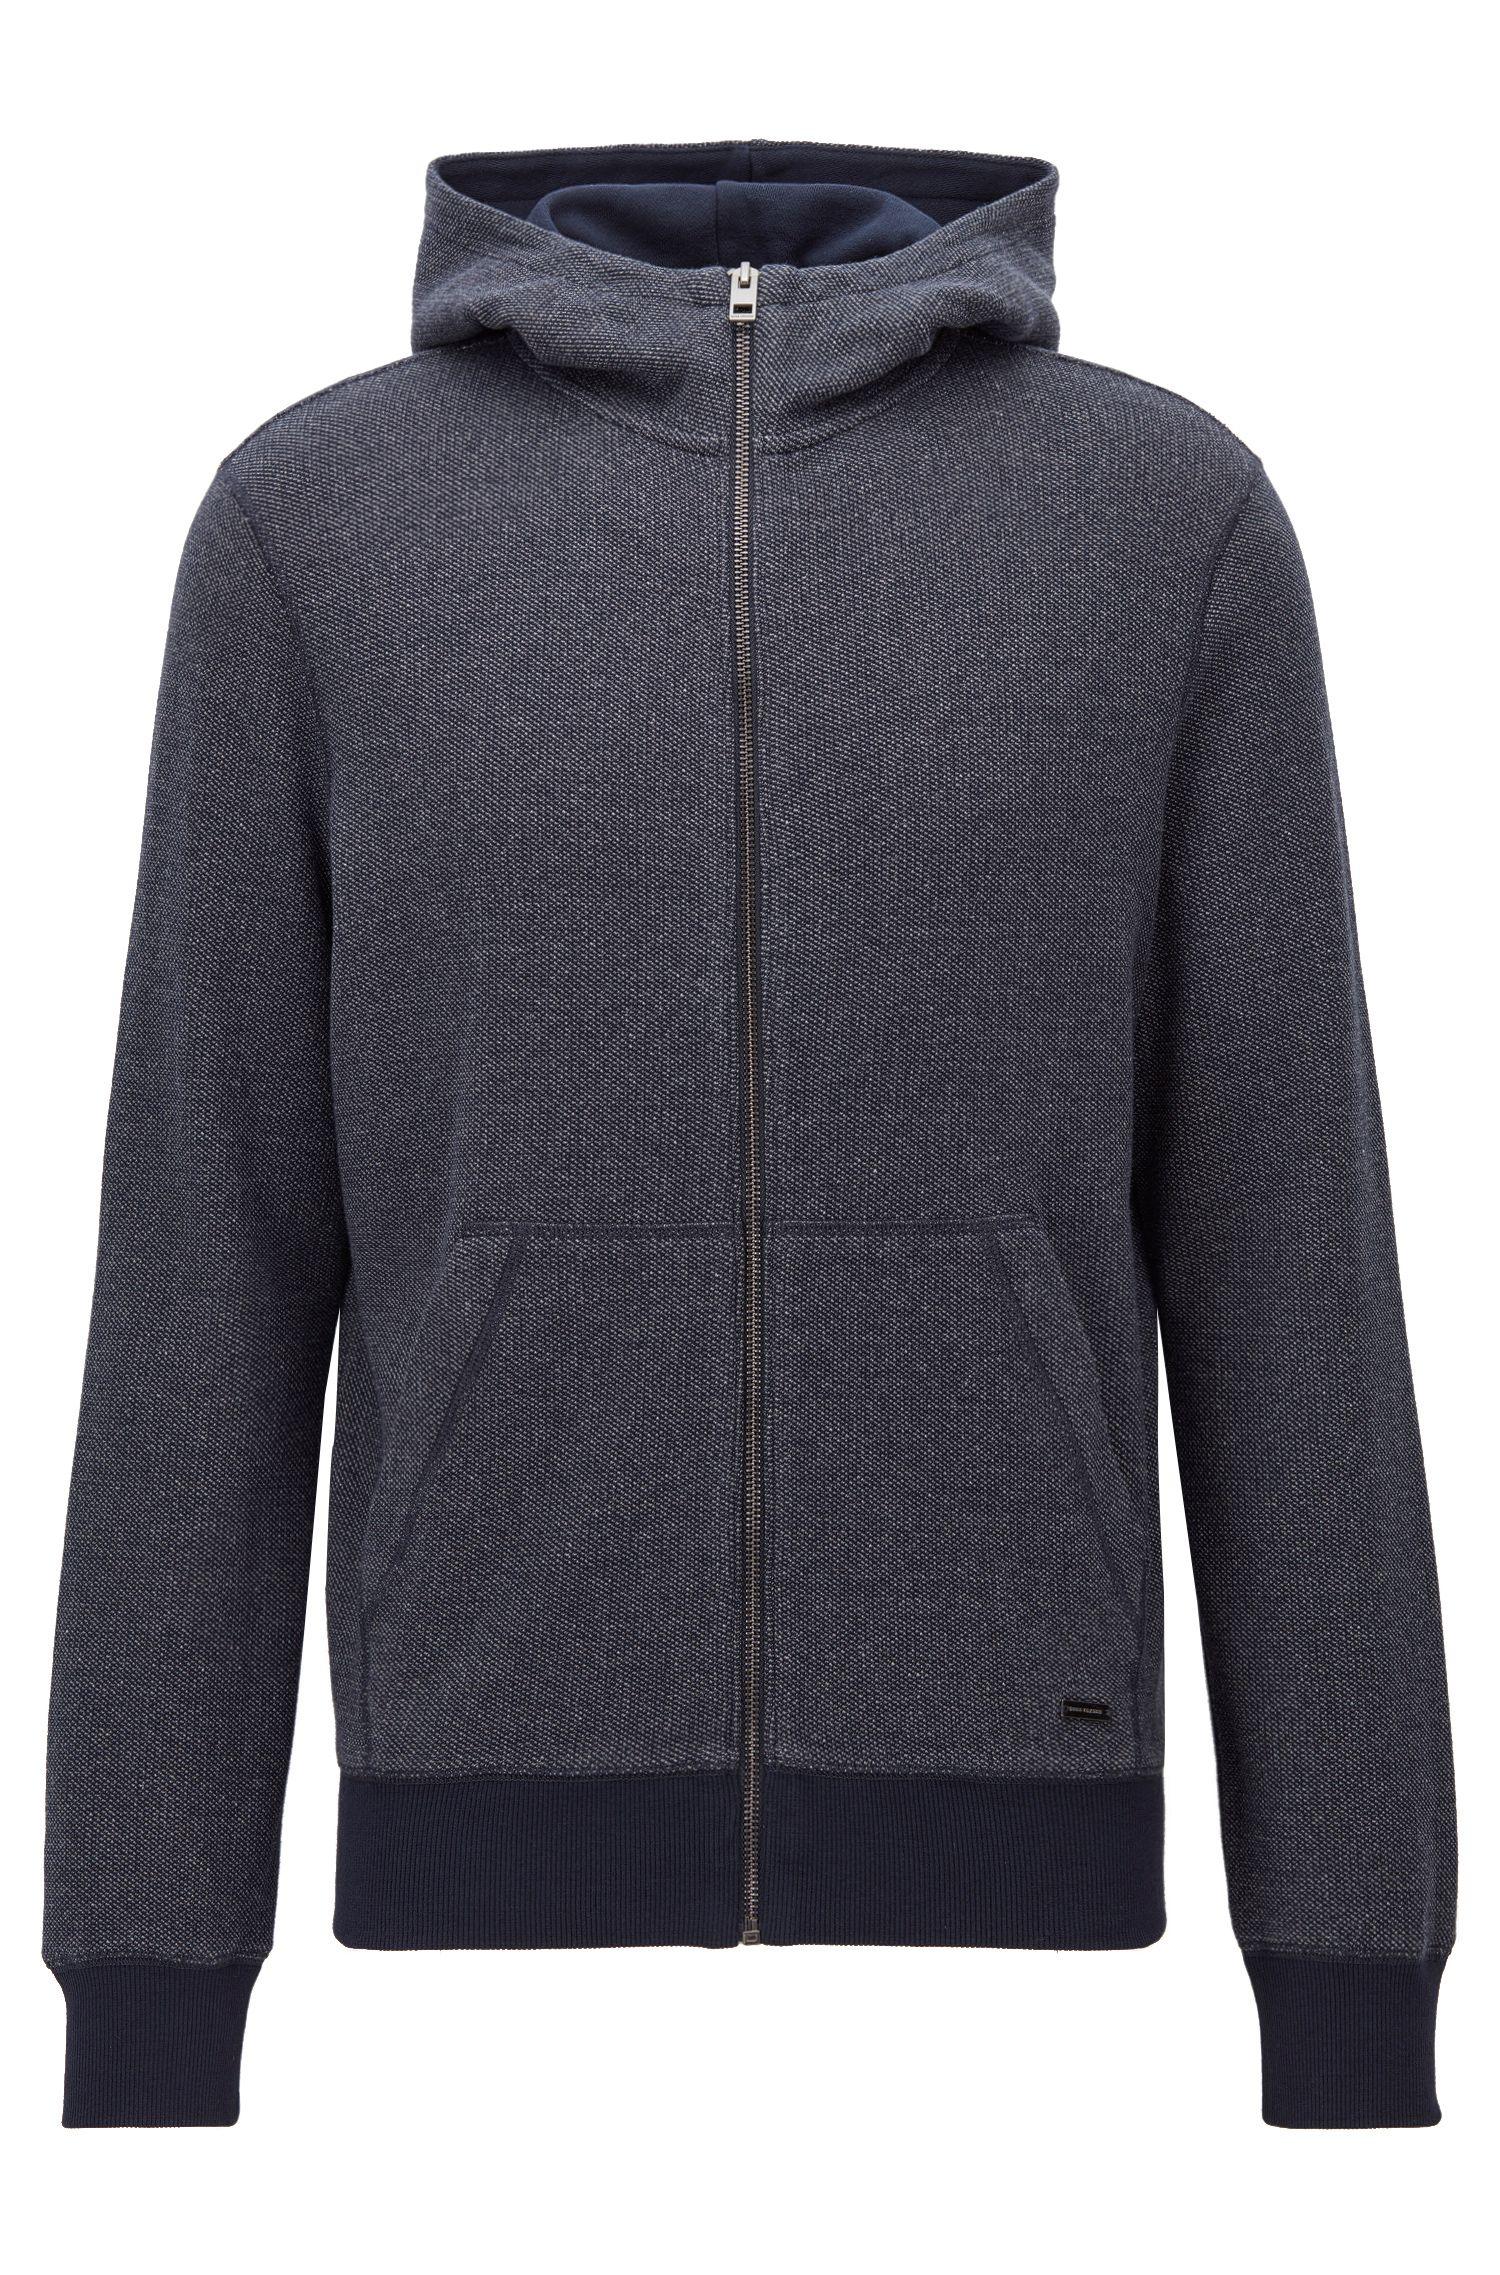 Zip-through hooded sweatshirt in interlock cotton